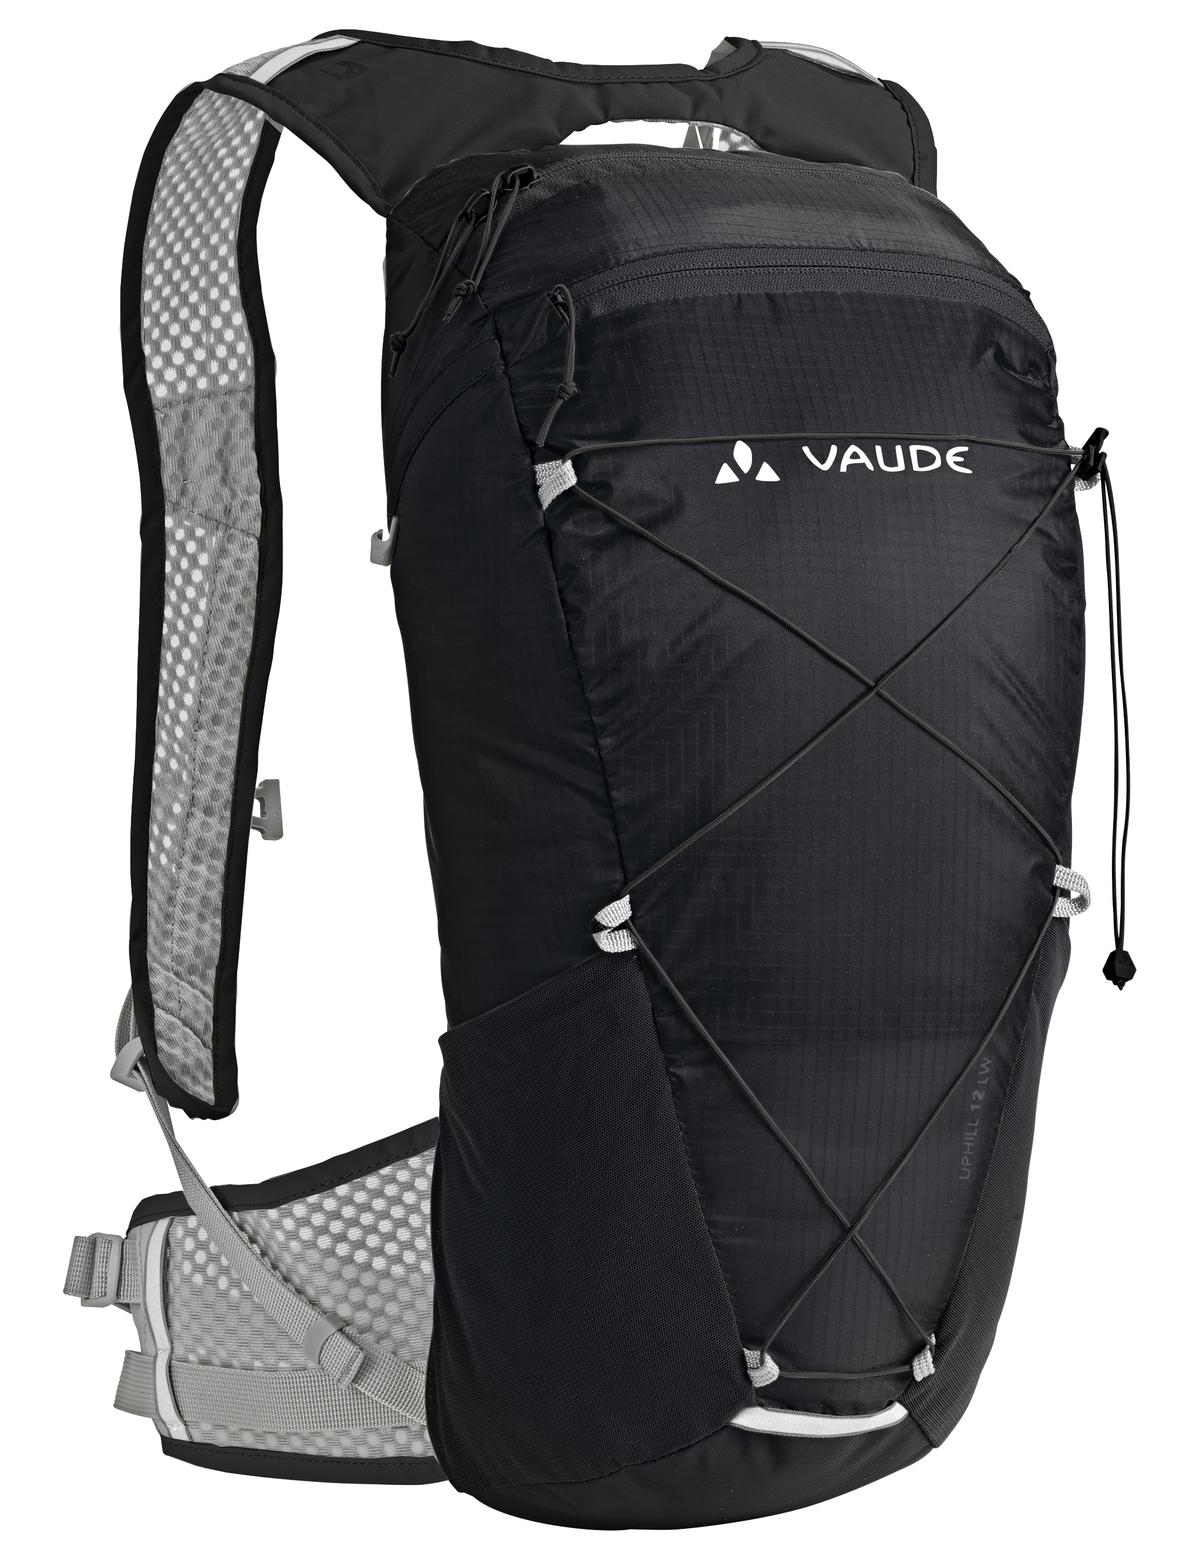 VAUDE Uphill 16 LW black  - schneider-sports